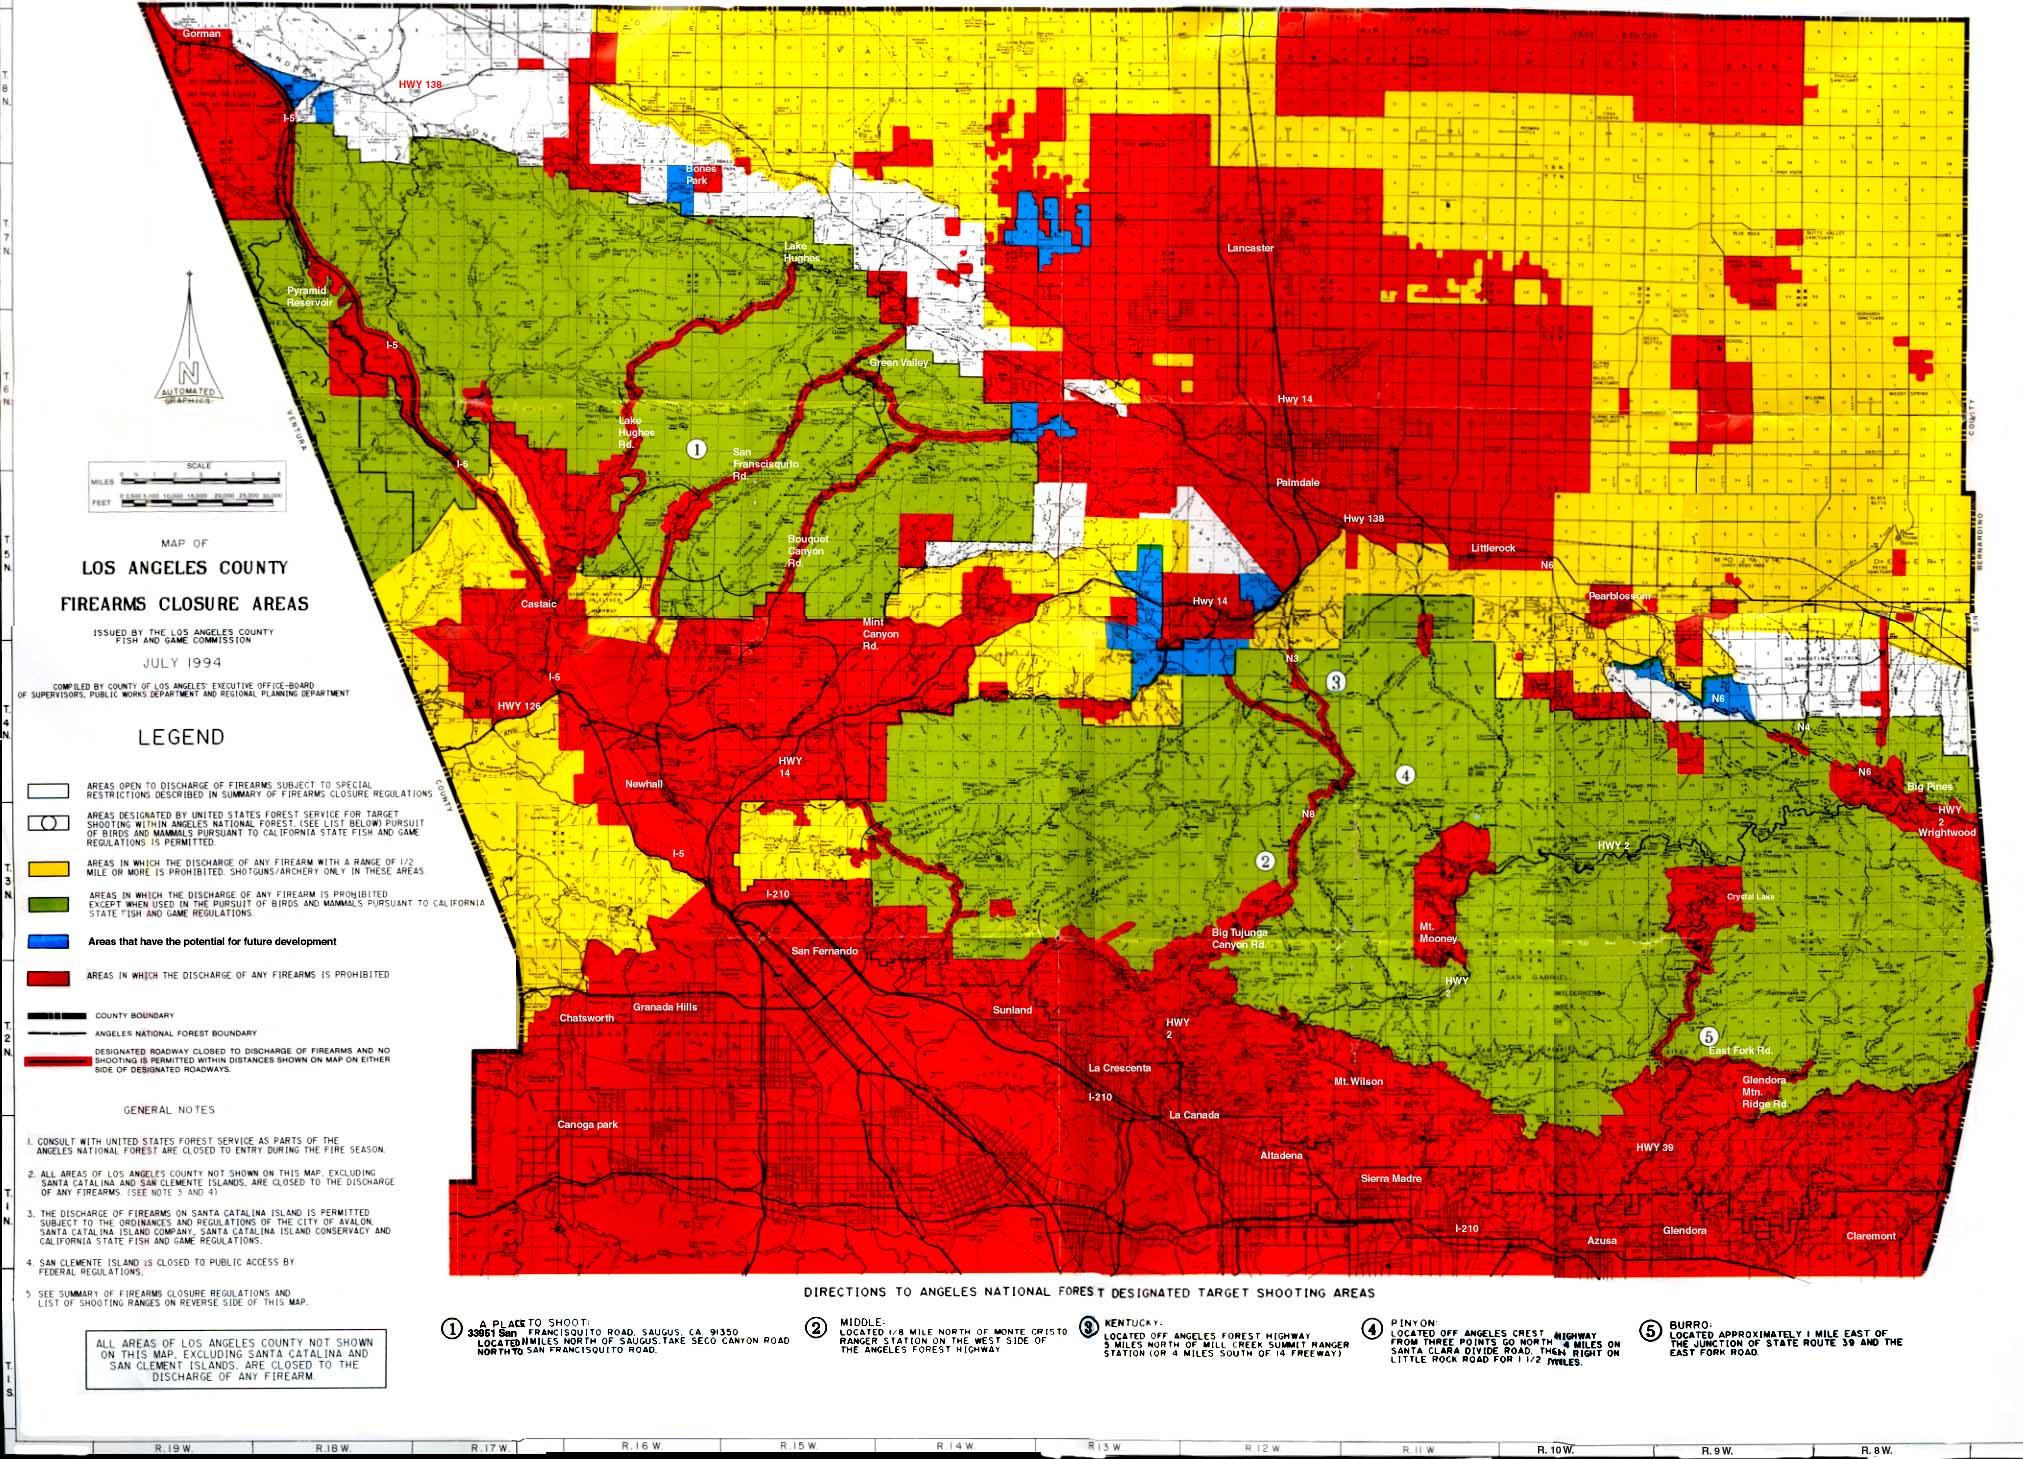 Blm Maps California California River Map Blm Map California Big Of - Blm Land California Shooting Map